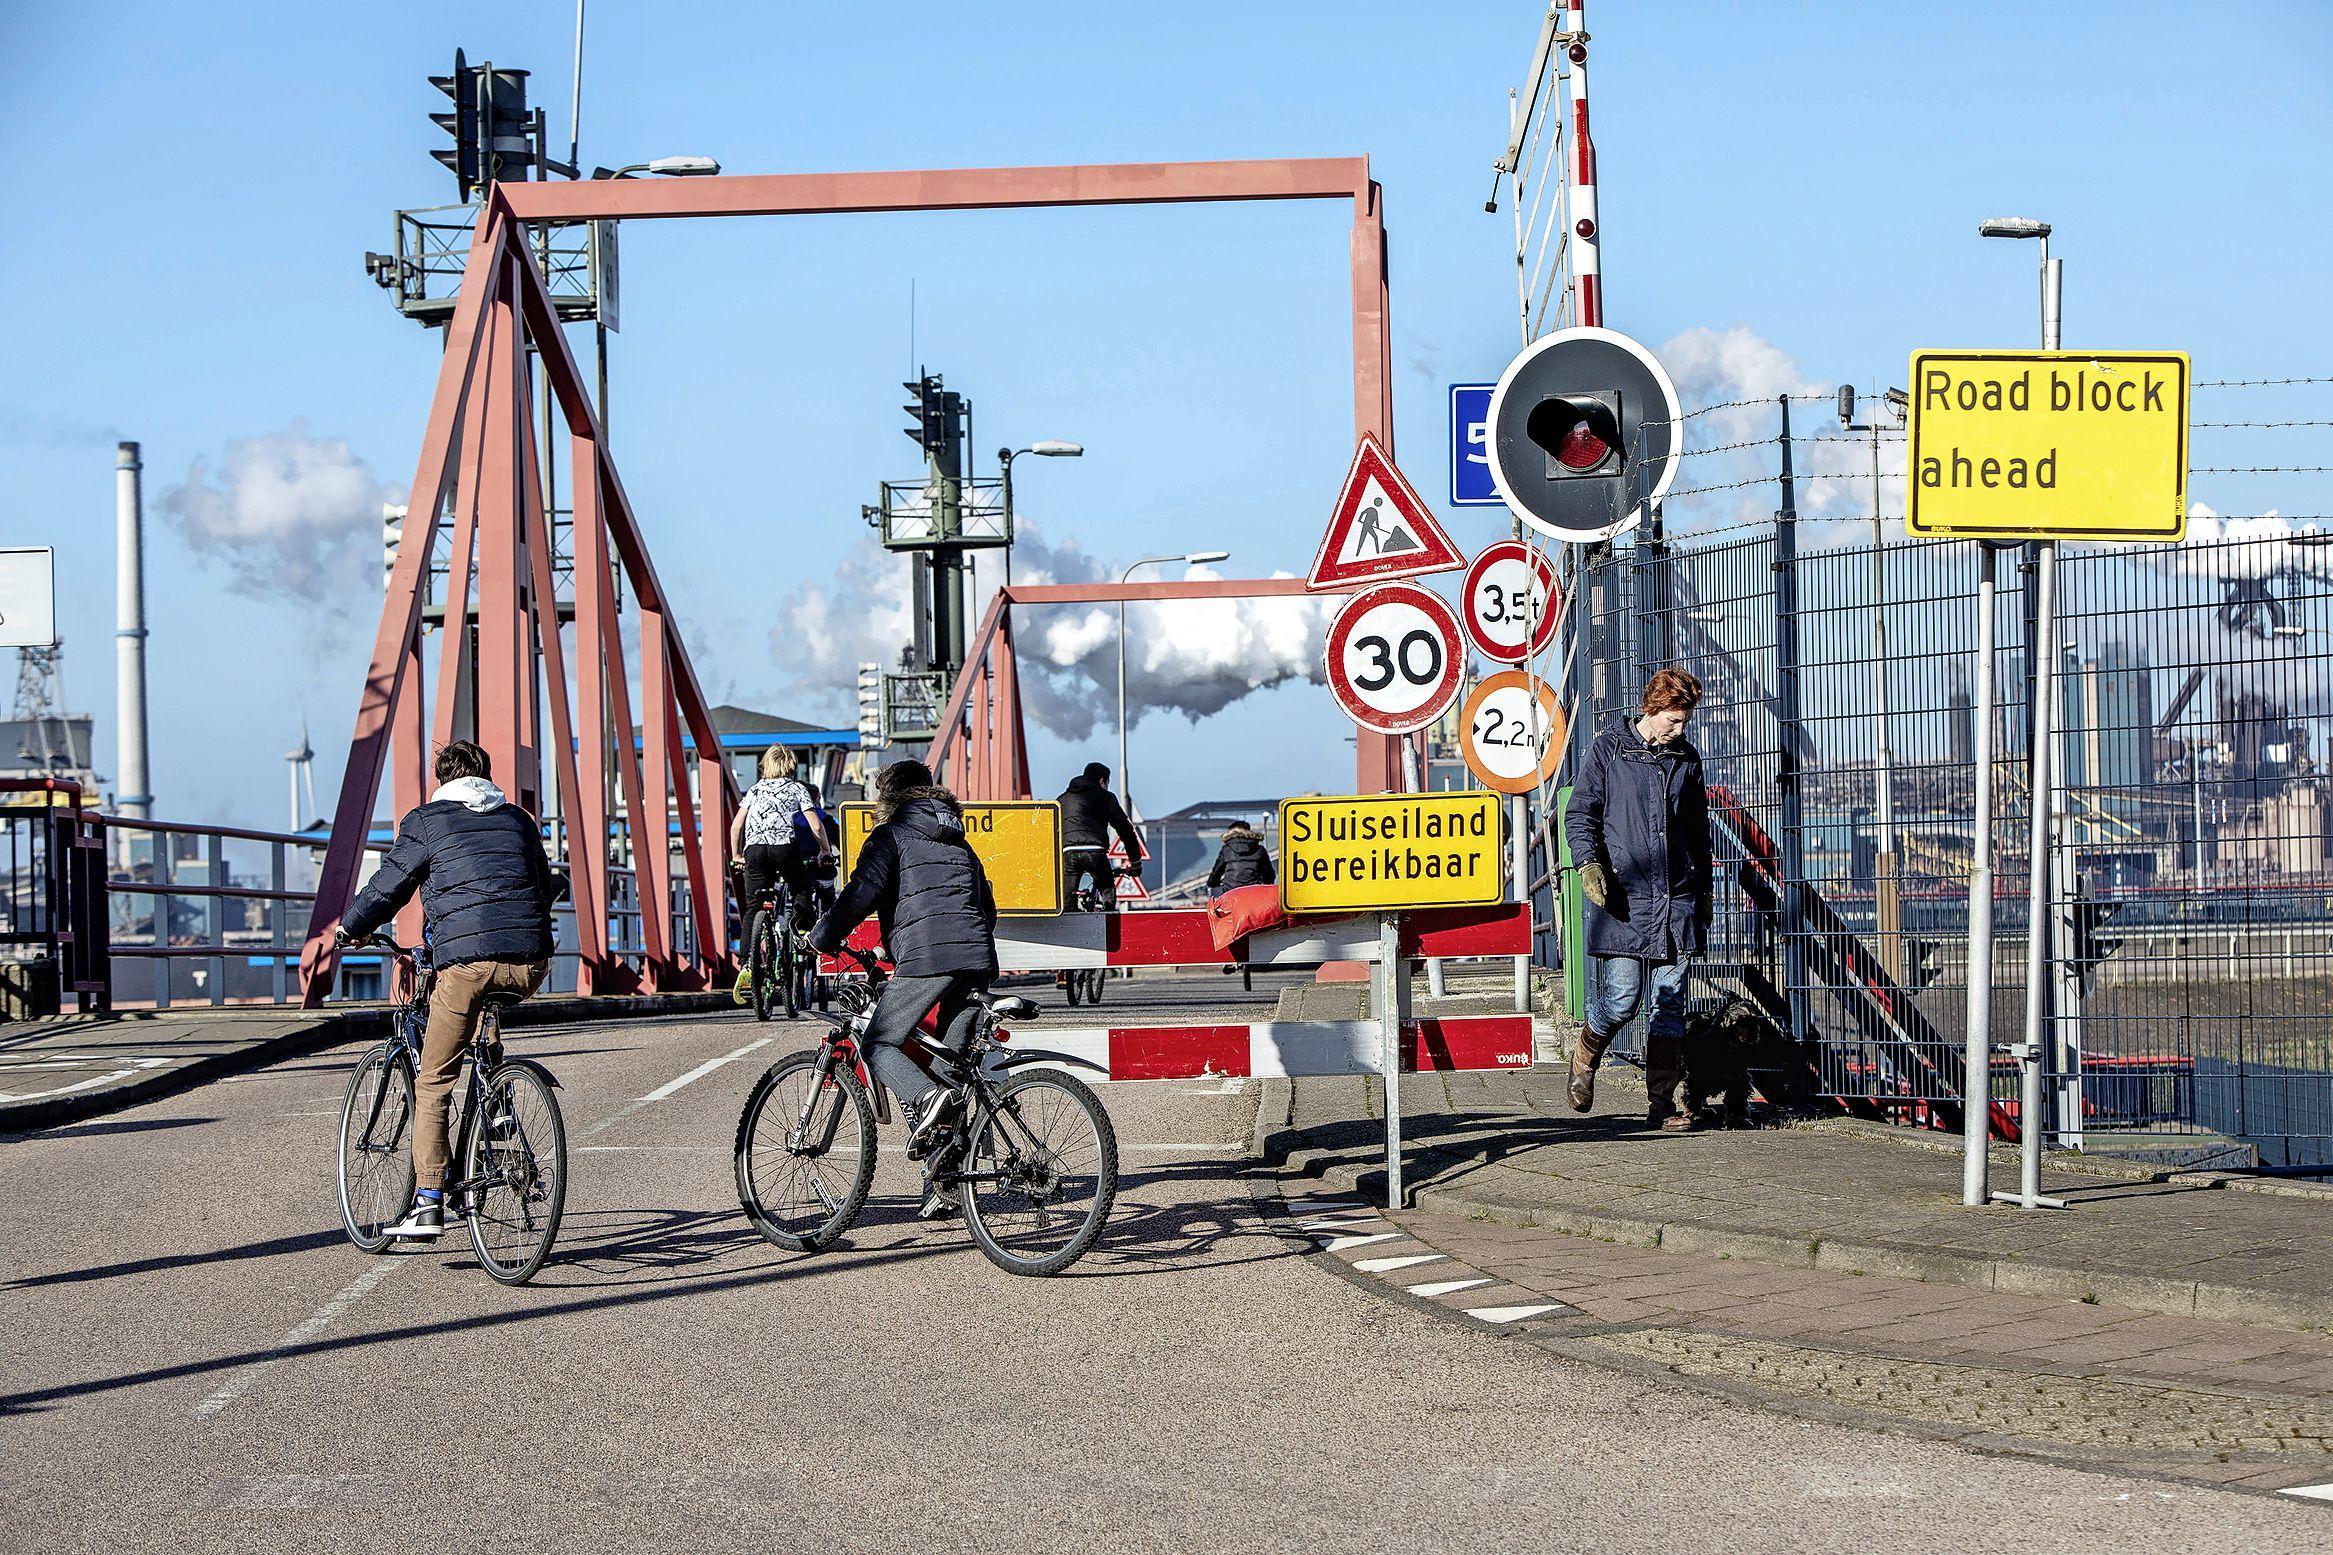 Velsen 'zwaar teleurgesteld' over besluit Rijkswaterstaat om sluisroute slechts voor een deel open te stellen. Wijkplatformvoorzitter Zwakman: 'Het lijkt erop dat ze bij Rijkswaterstaat niet kunnen plannen'